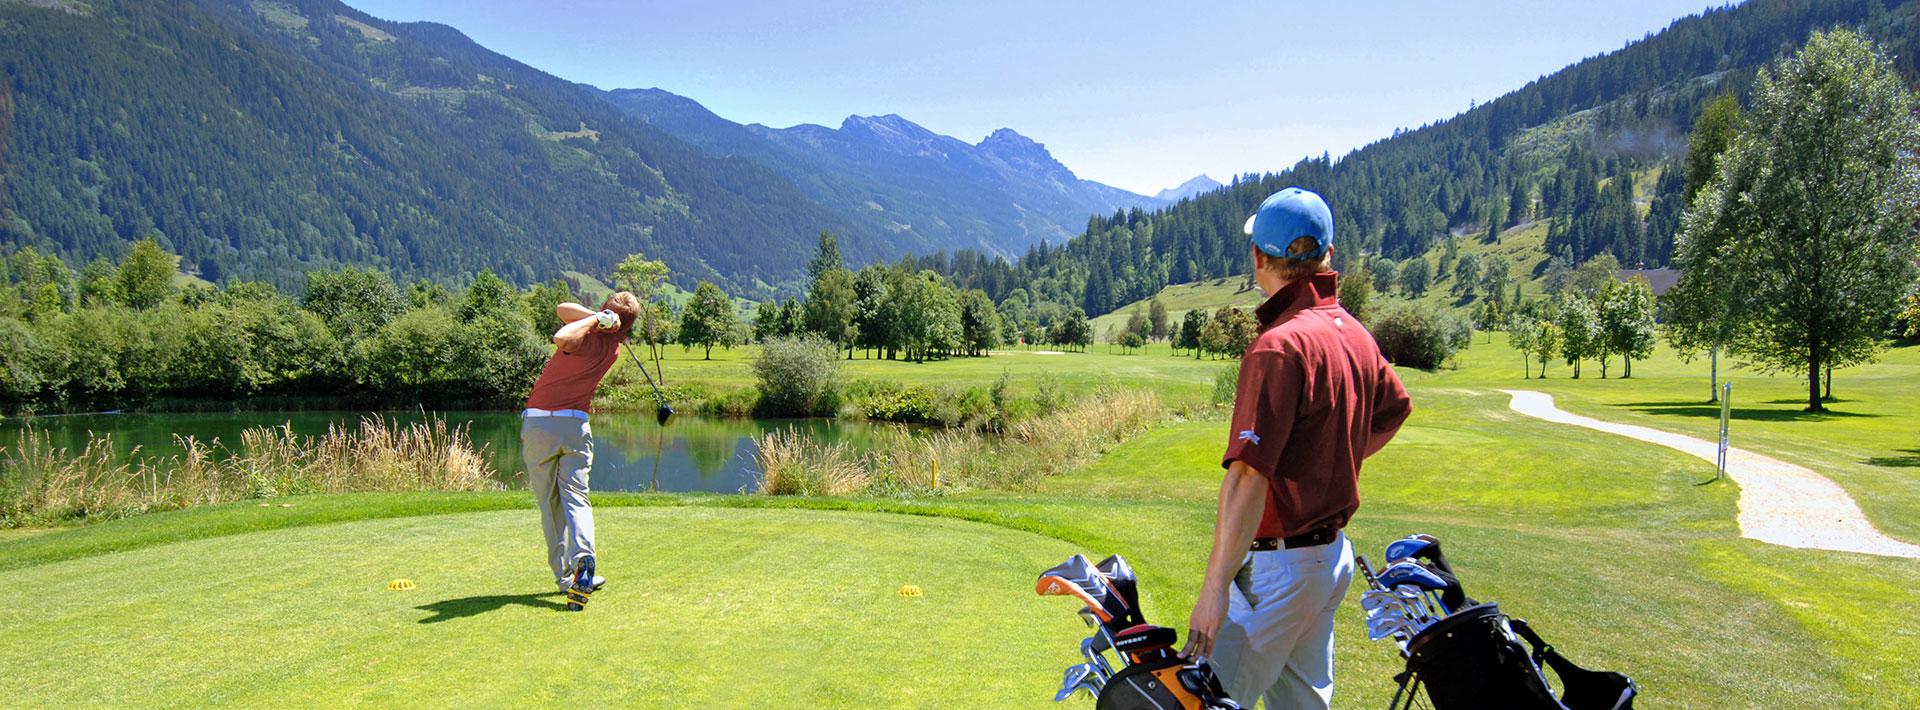 Golfurlaub in Radstadt, Salzburger Land